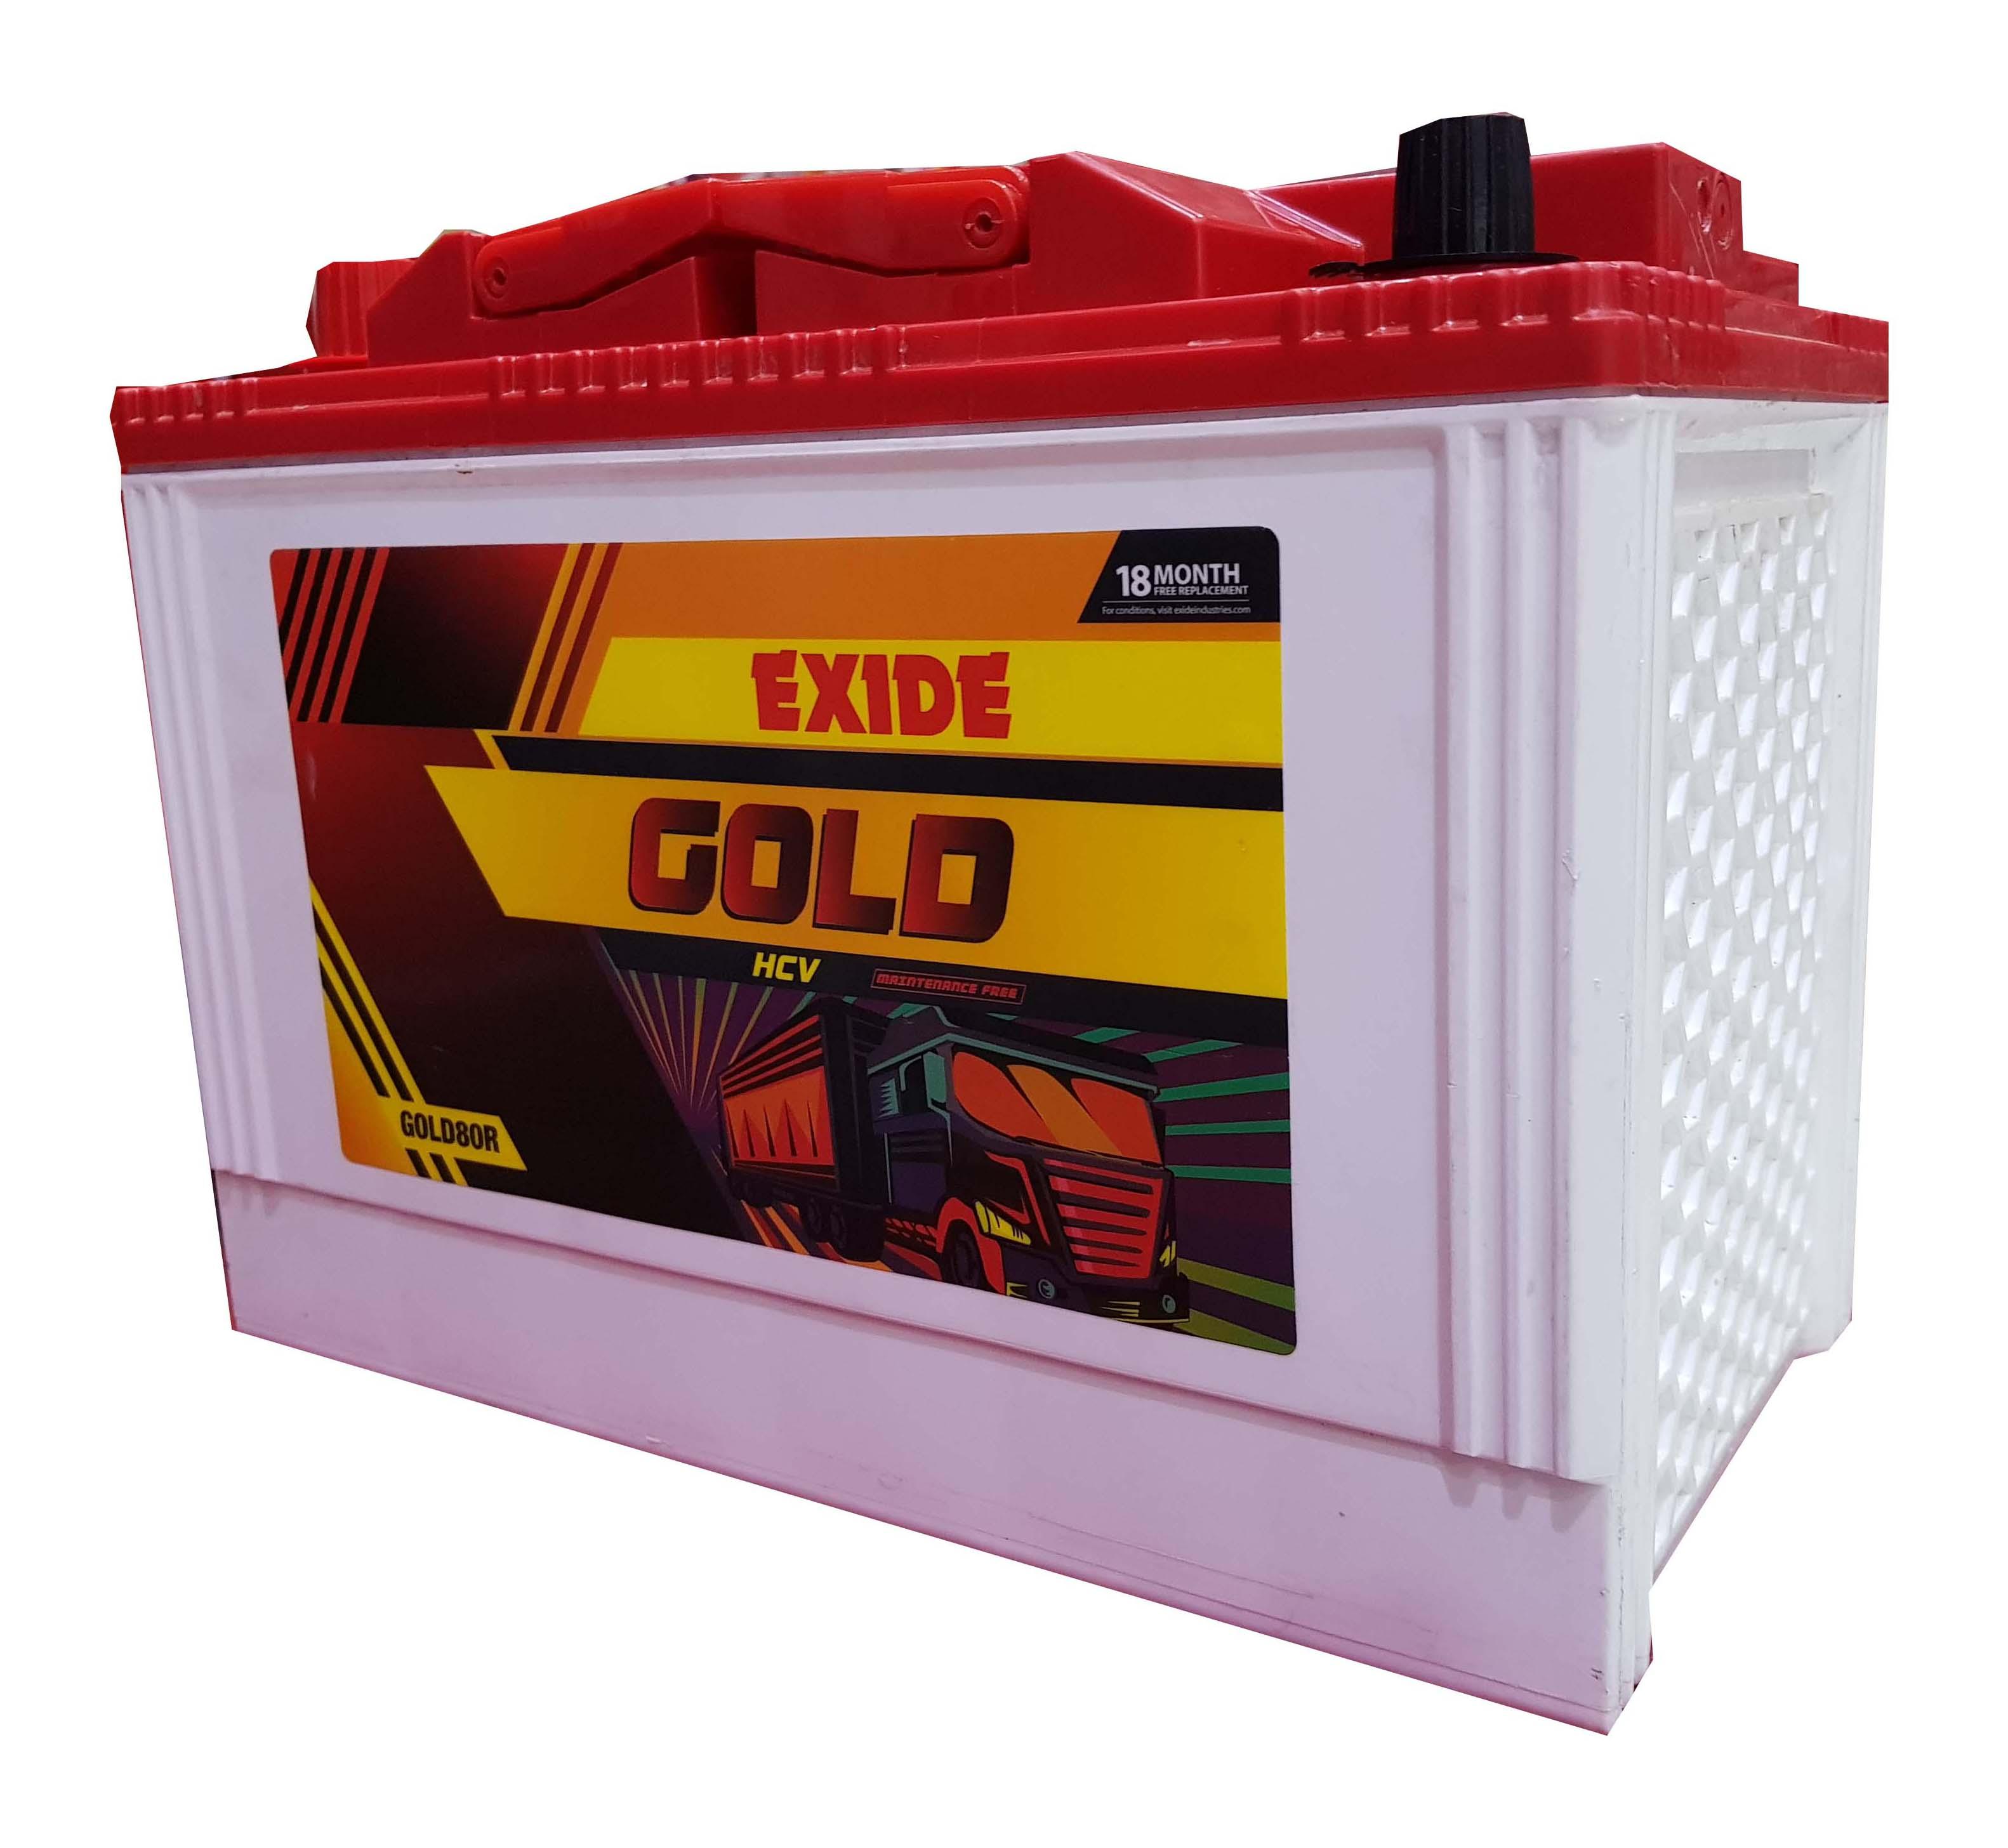 Exide Gold 80 ah battery for Sumo , safari